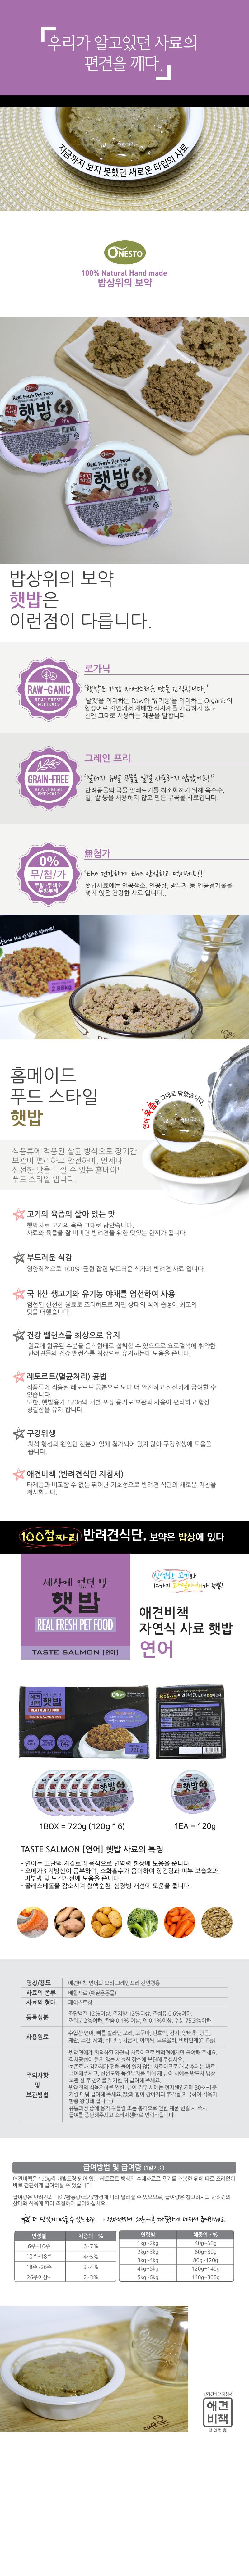 햇밥(연어) 상세페이지.jpg